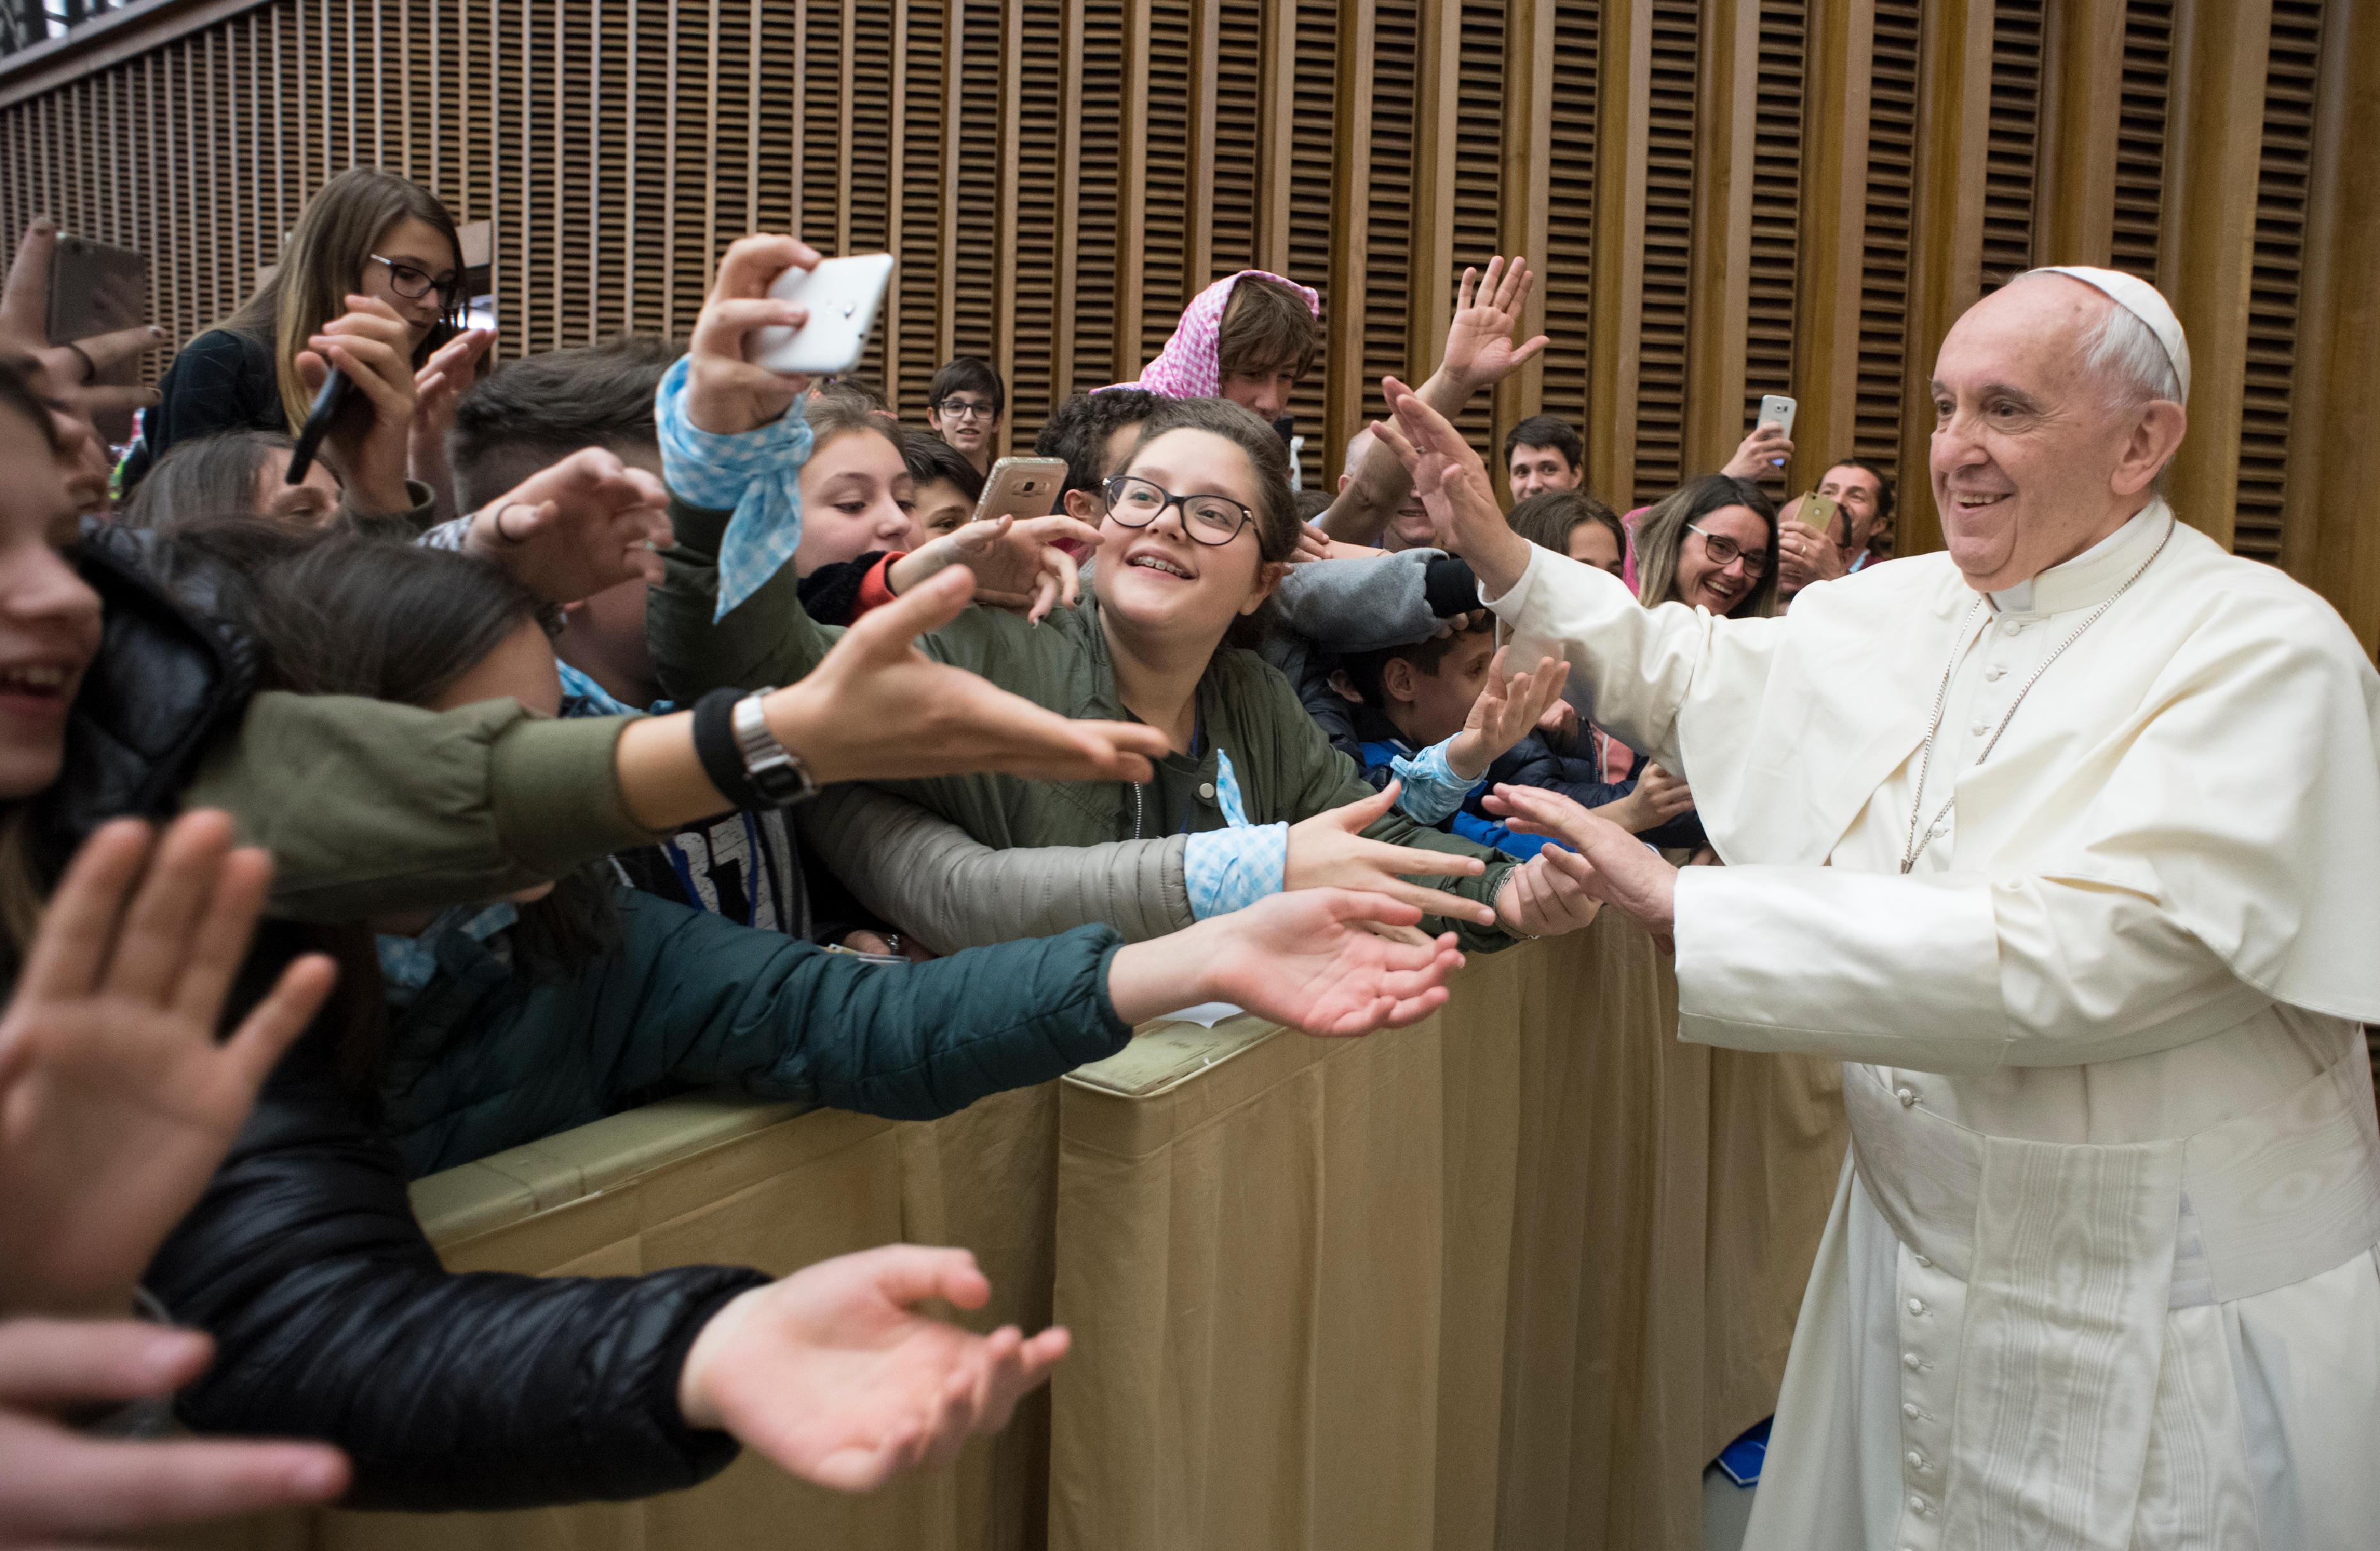 Jóvenes de la diócesis De Brescia © Vatican Media